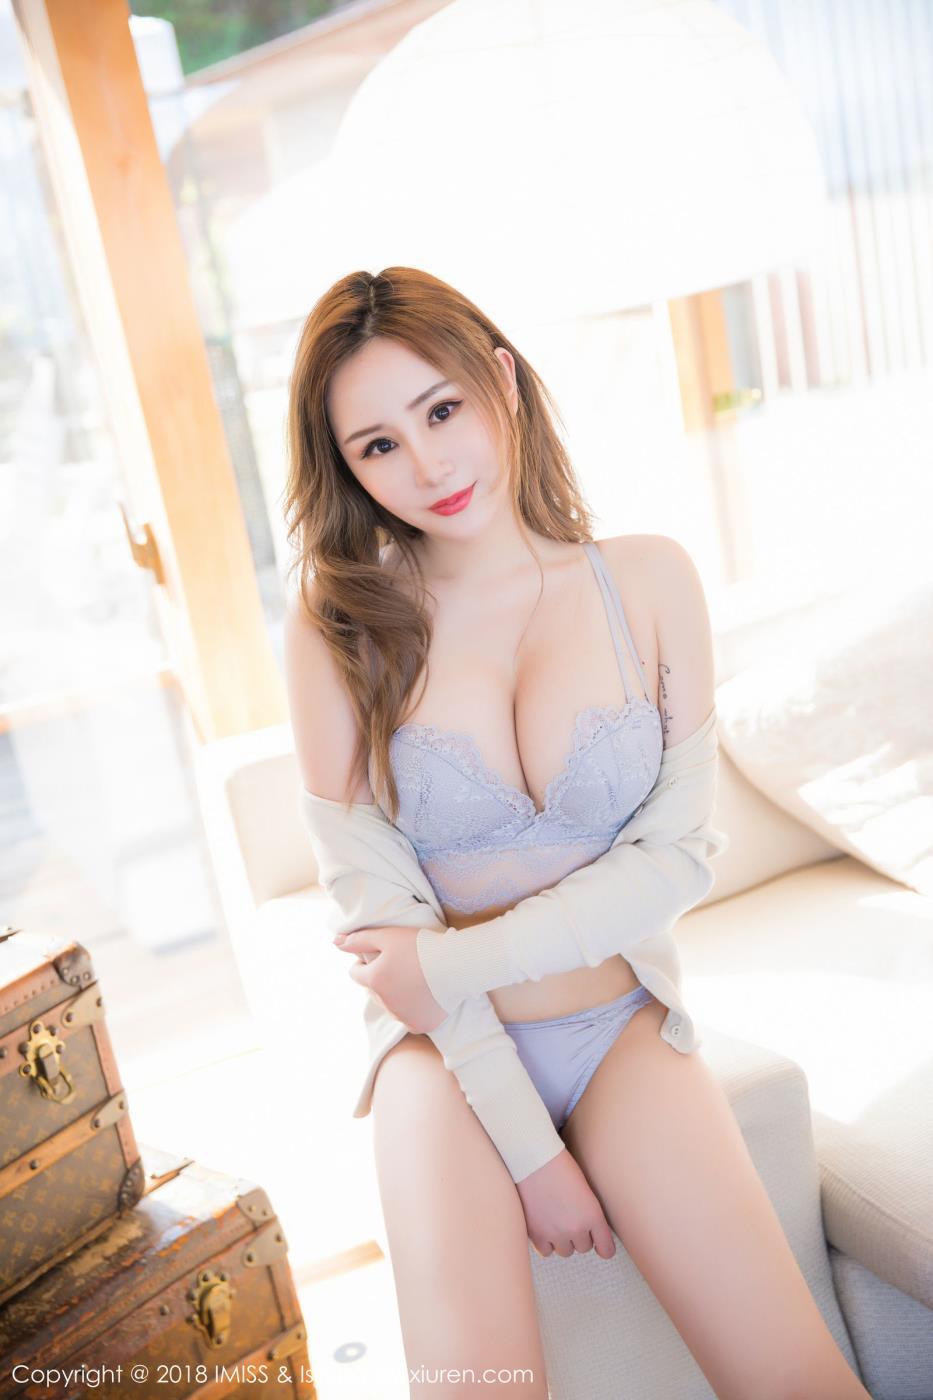 爱蜜社模特小奶昔Kyra丰满爆乳内衣诱惑白皙美女写真